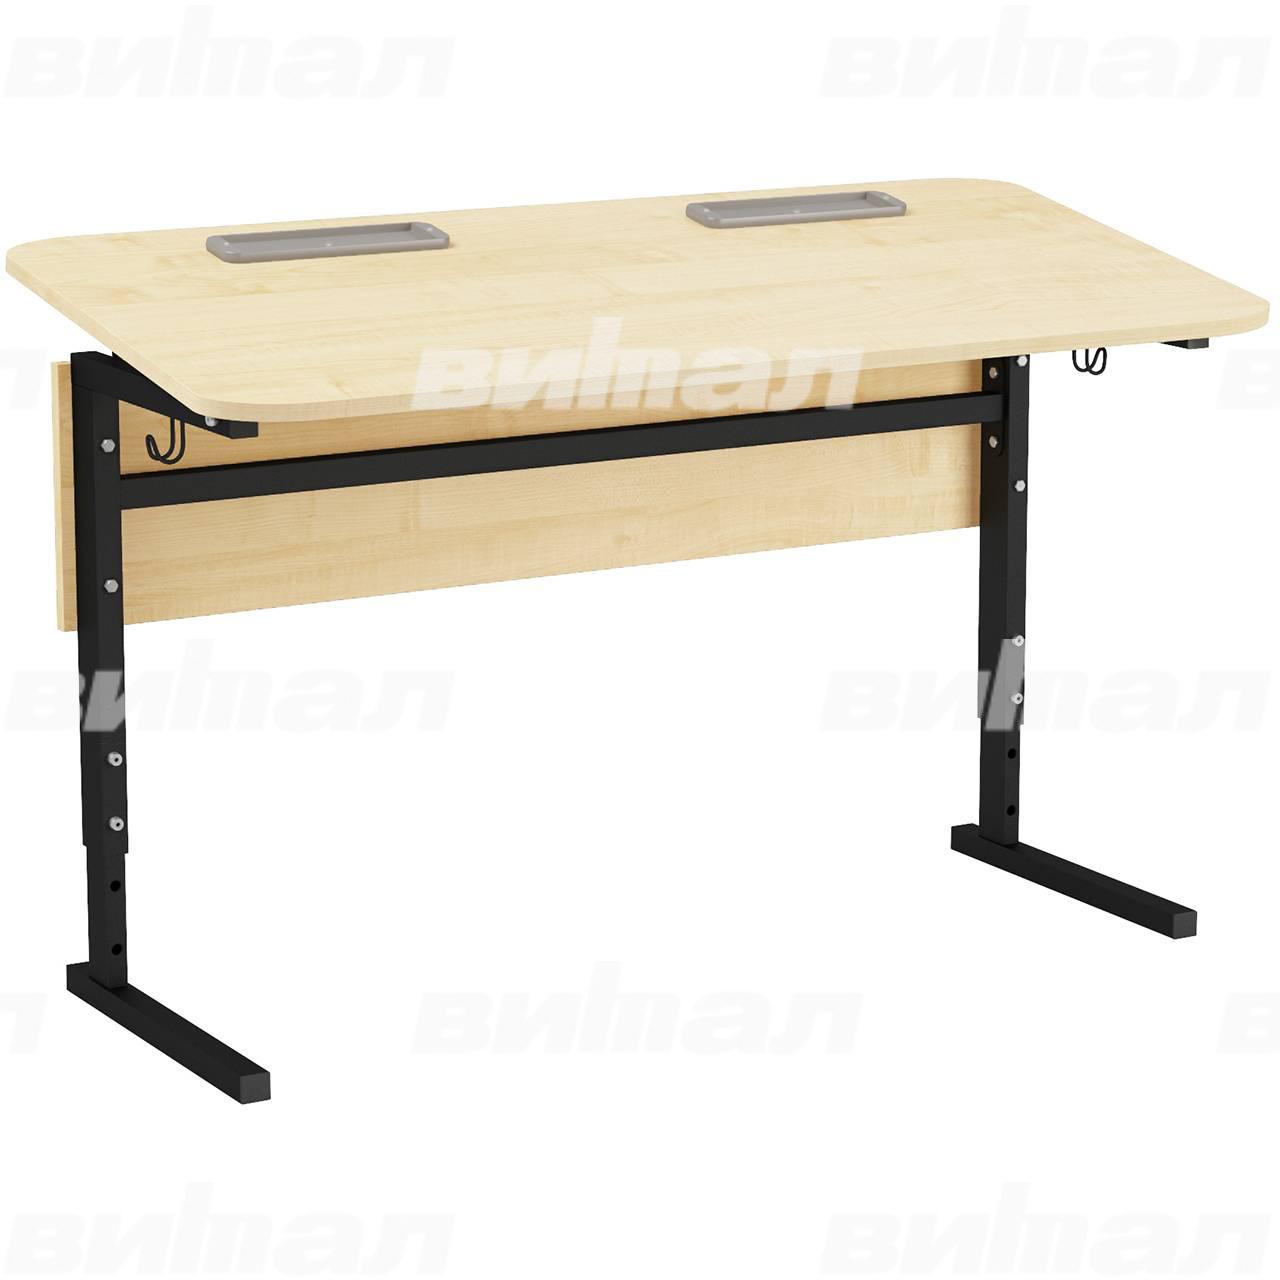 Стол 2-местный регулир. высота и наклон столешницы 0-10° (гр 2-4, 3-5, 4-6 или 5-7) черный Клен 5-7 Меламин прямоугольная